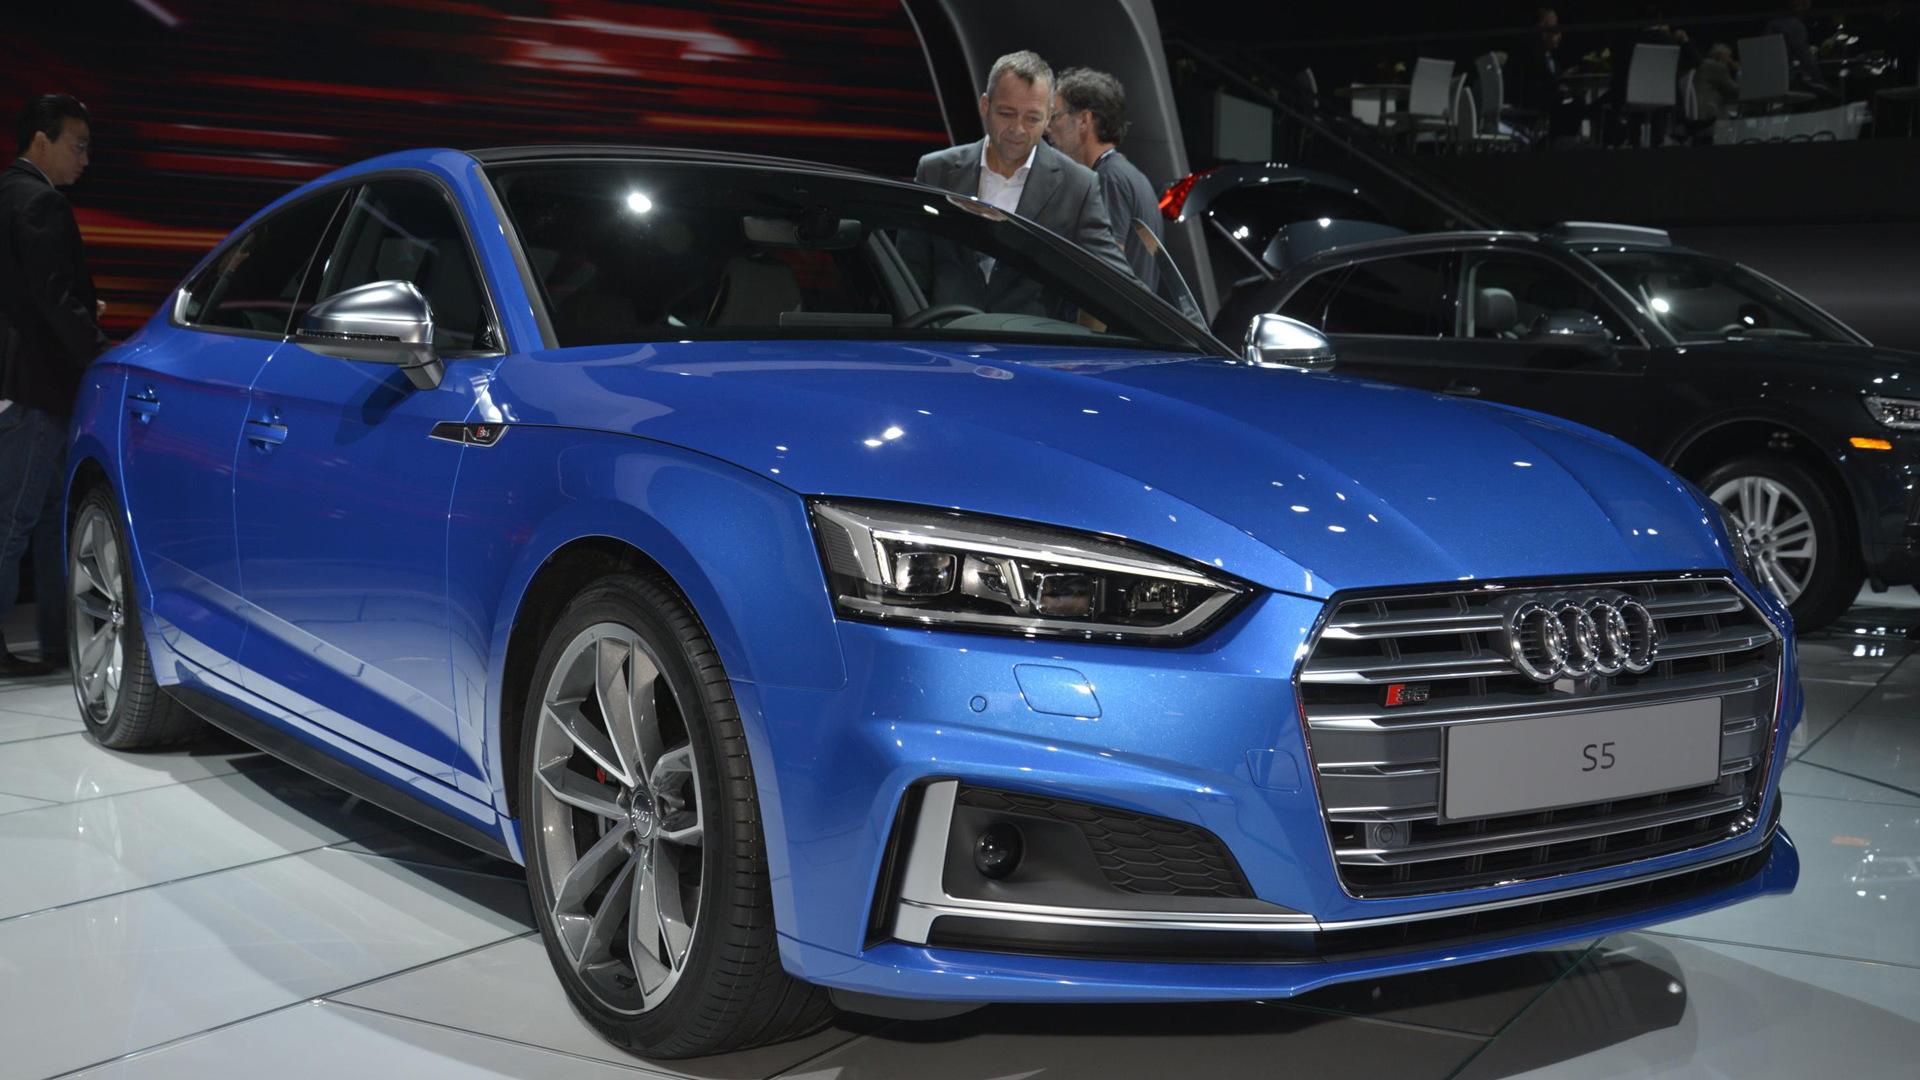 2018 Audi S5 Sportback, 2016 Los Angeles auto show